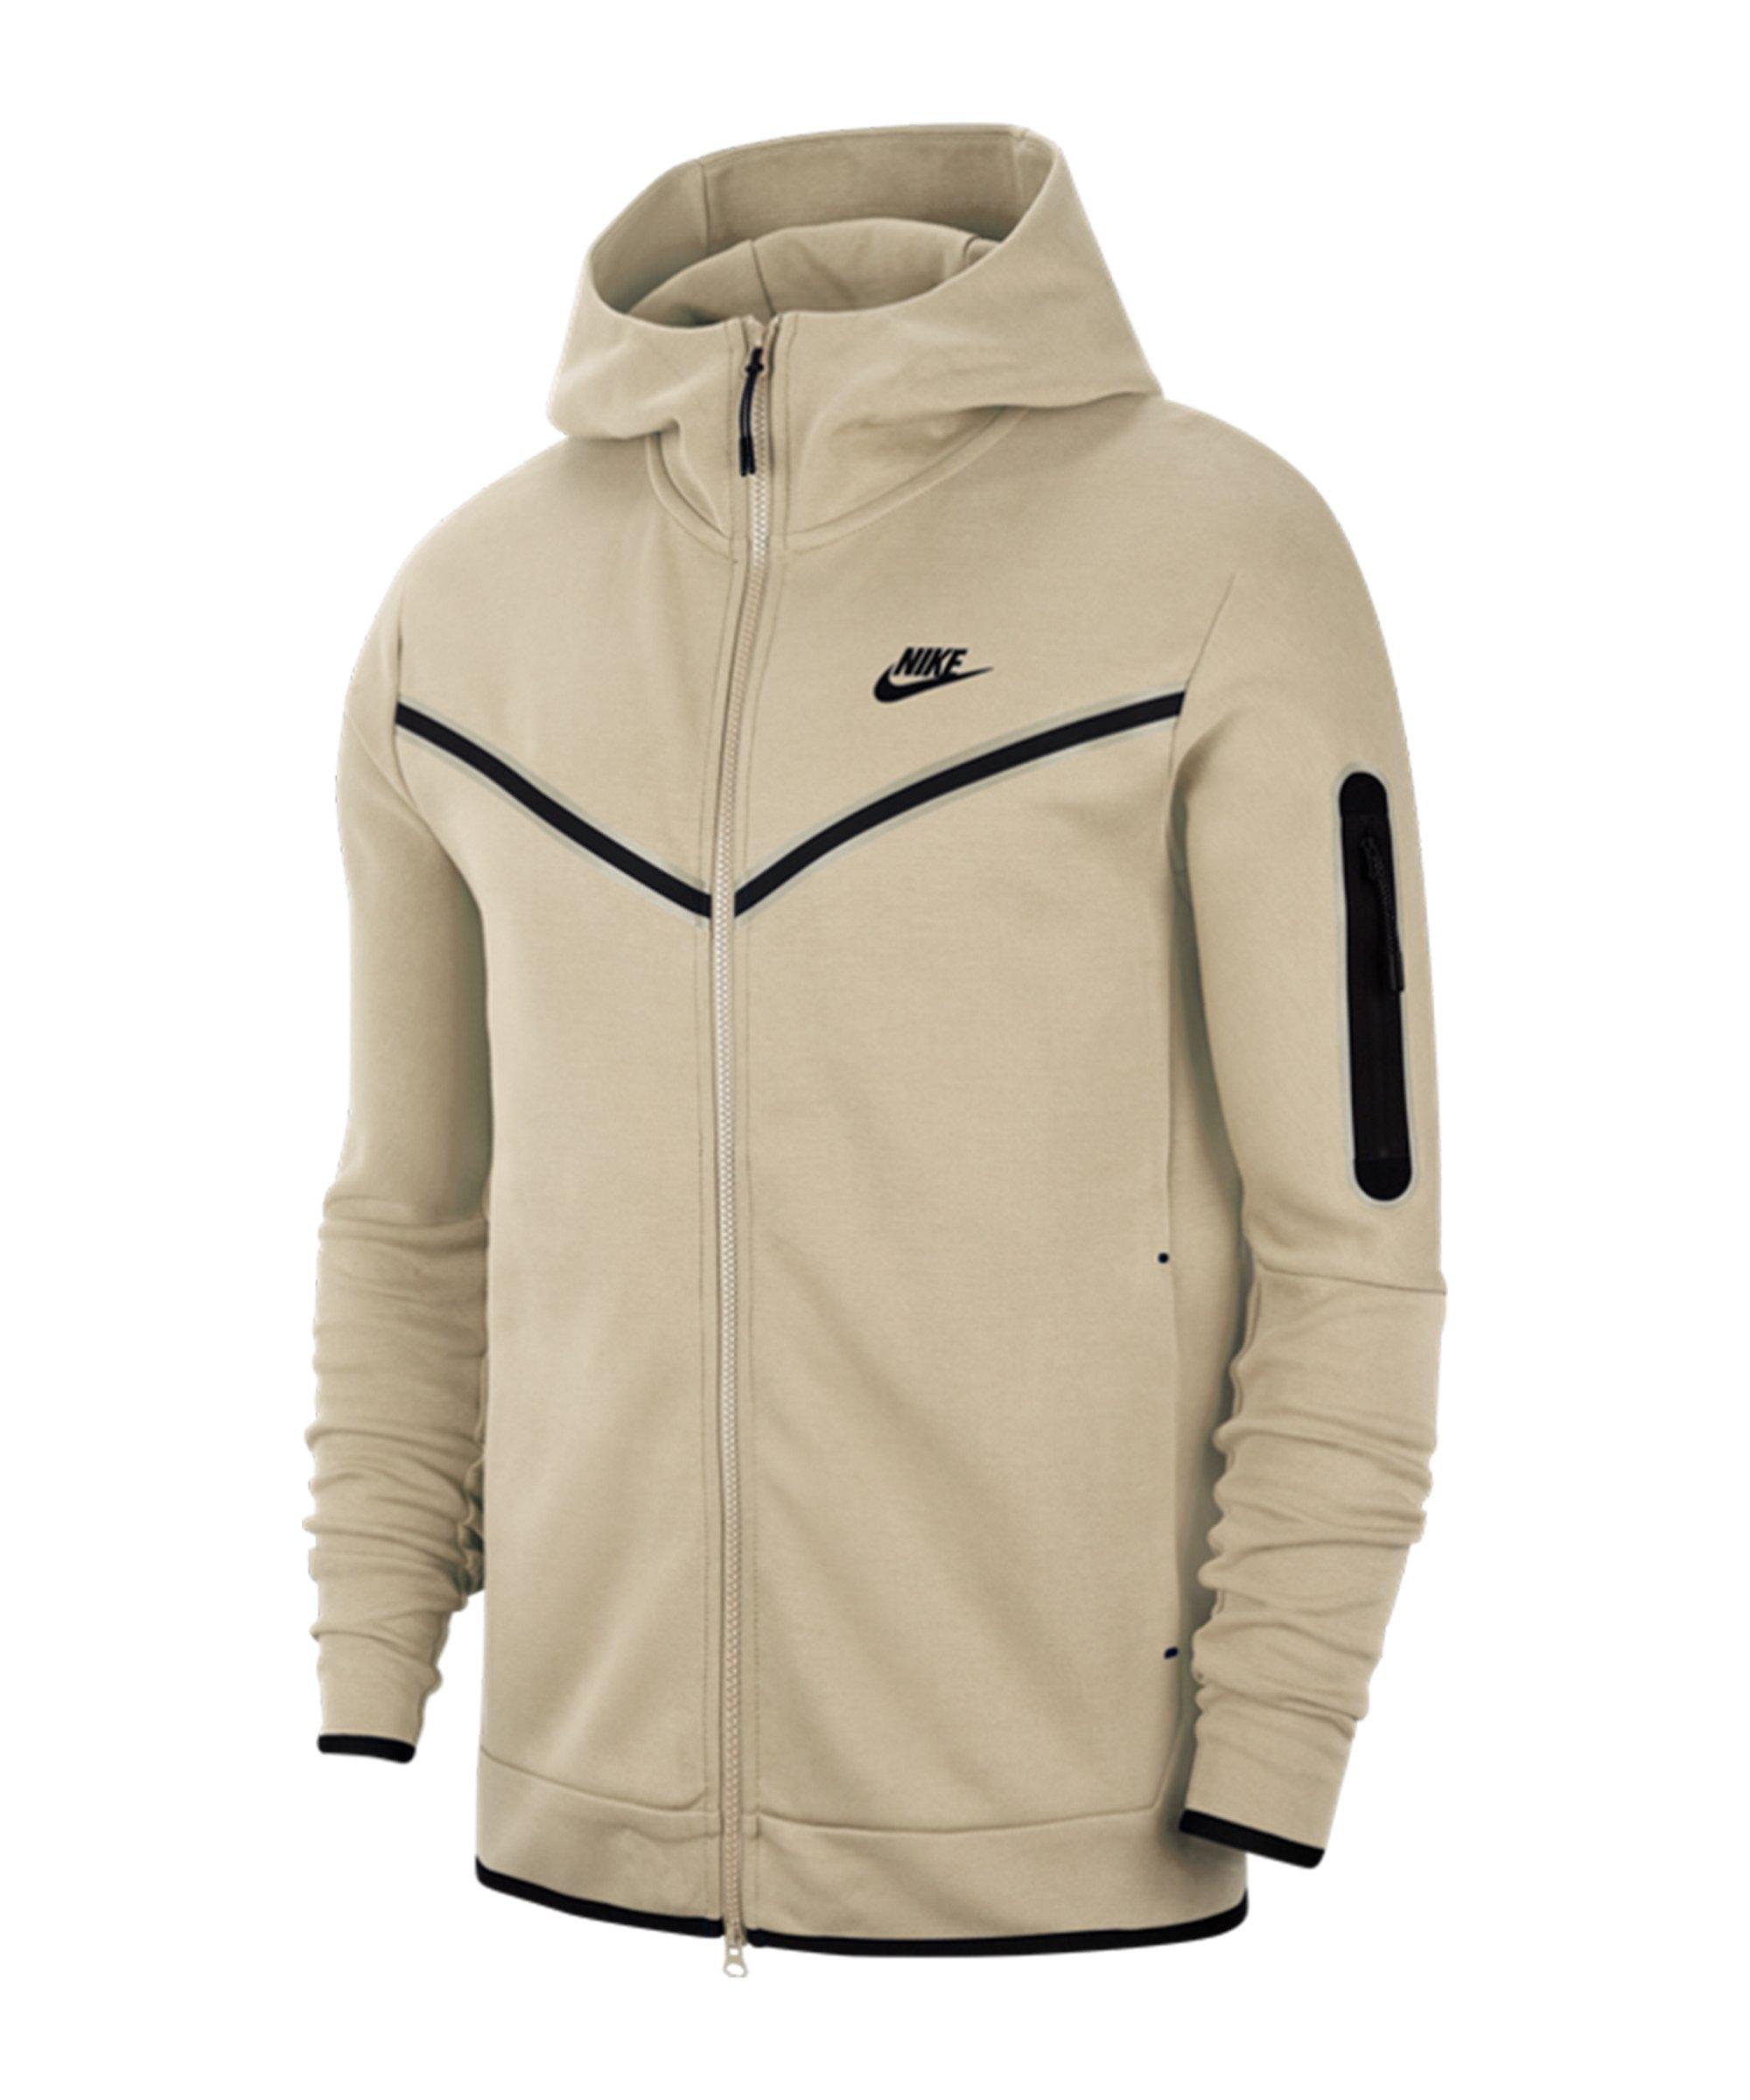 Nike Tech Fleece Kapuzenjacke Beige F072 - beige